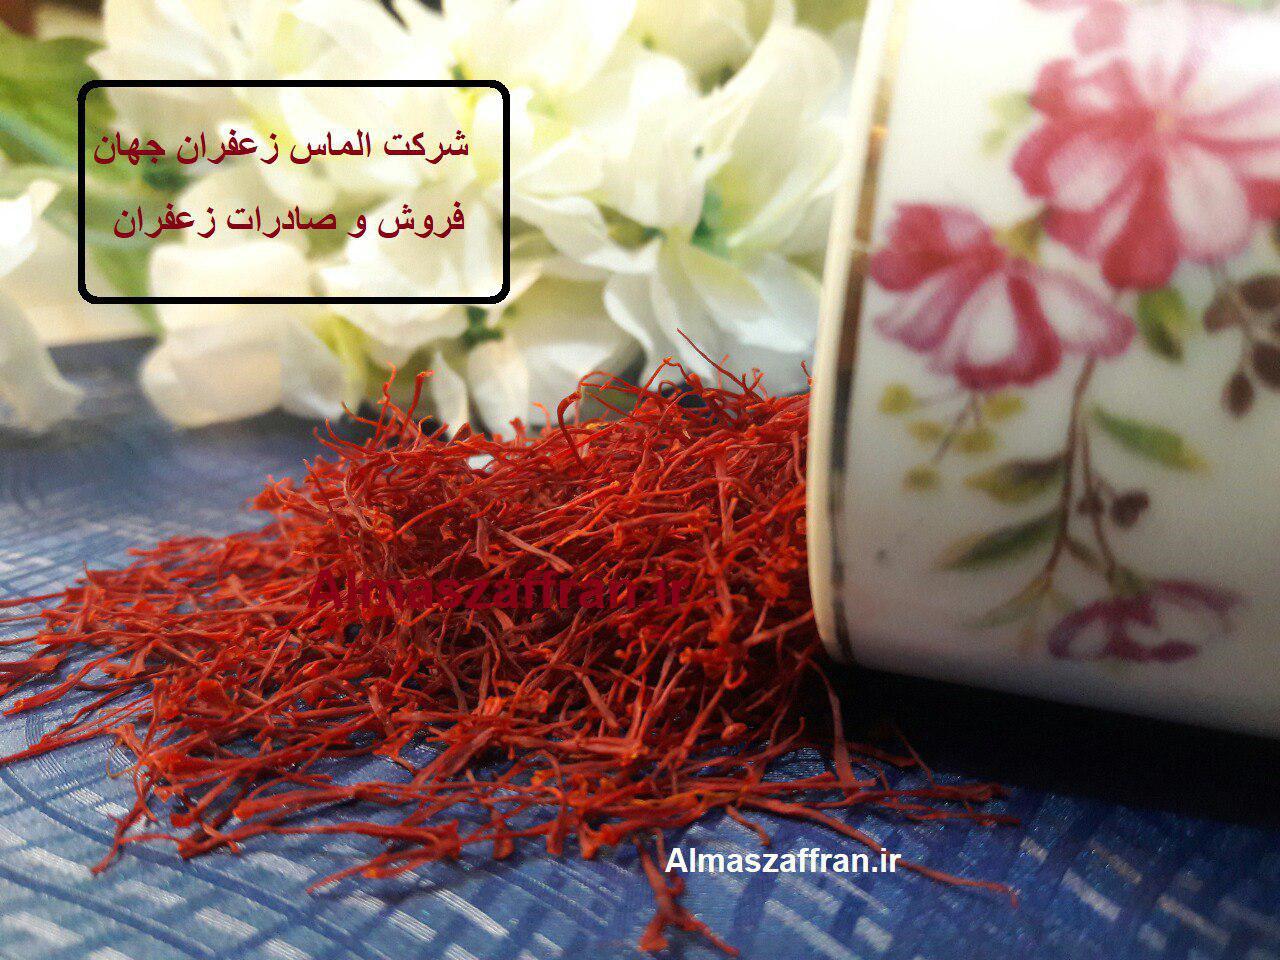 خرید زعفران در بازار تهران و مشهد